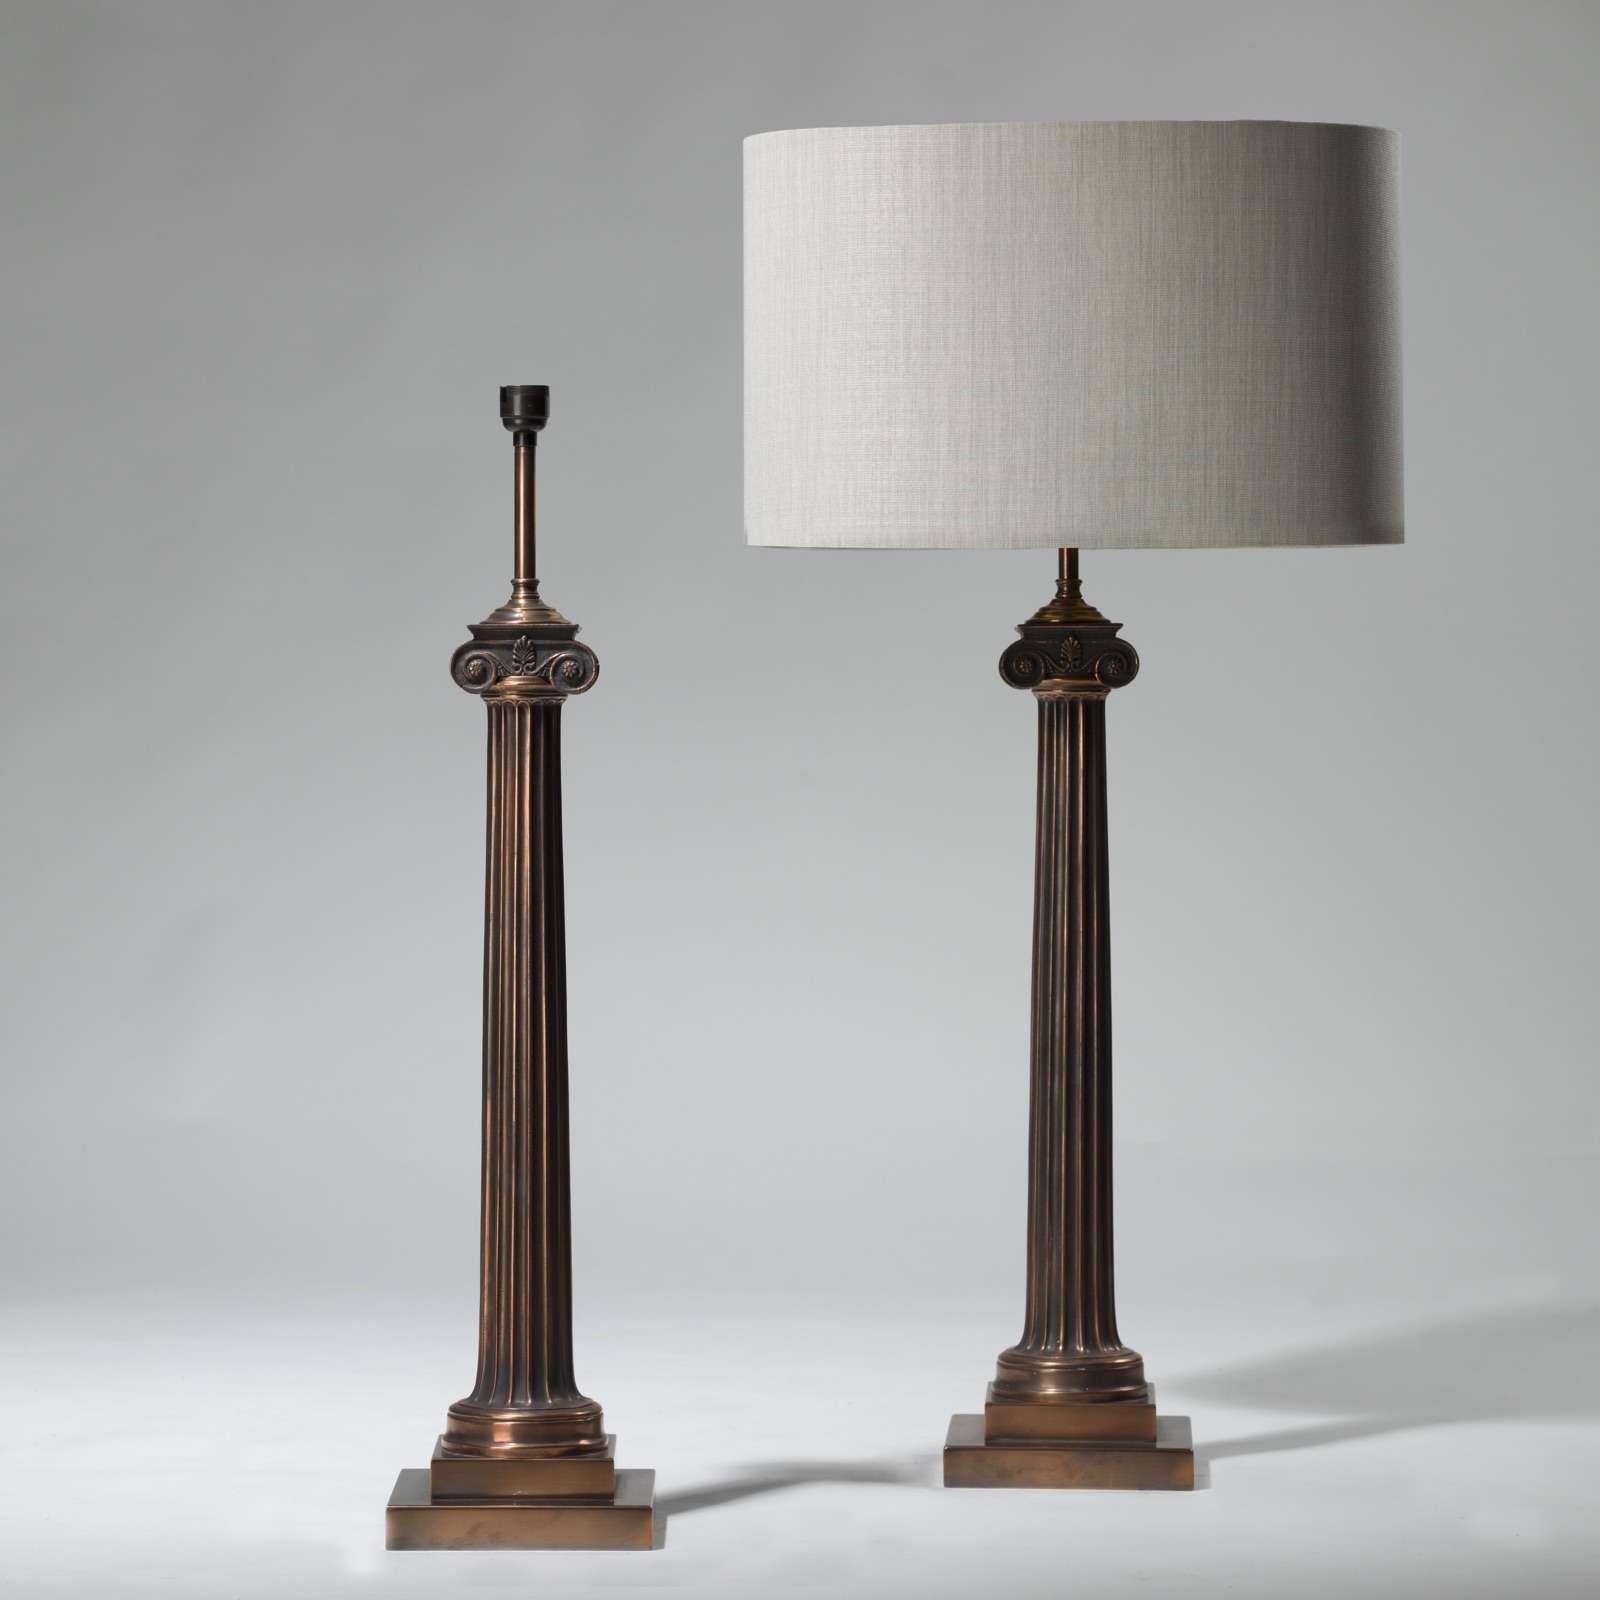 Vintage 50er Jahre Lampen Kleine Vintage Lampe Vintage Lampen